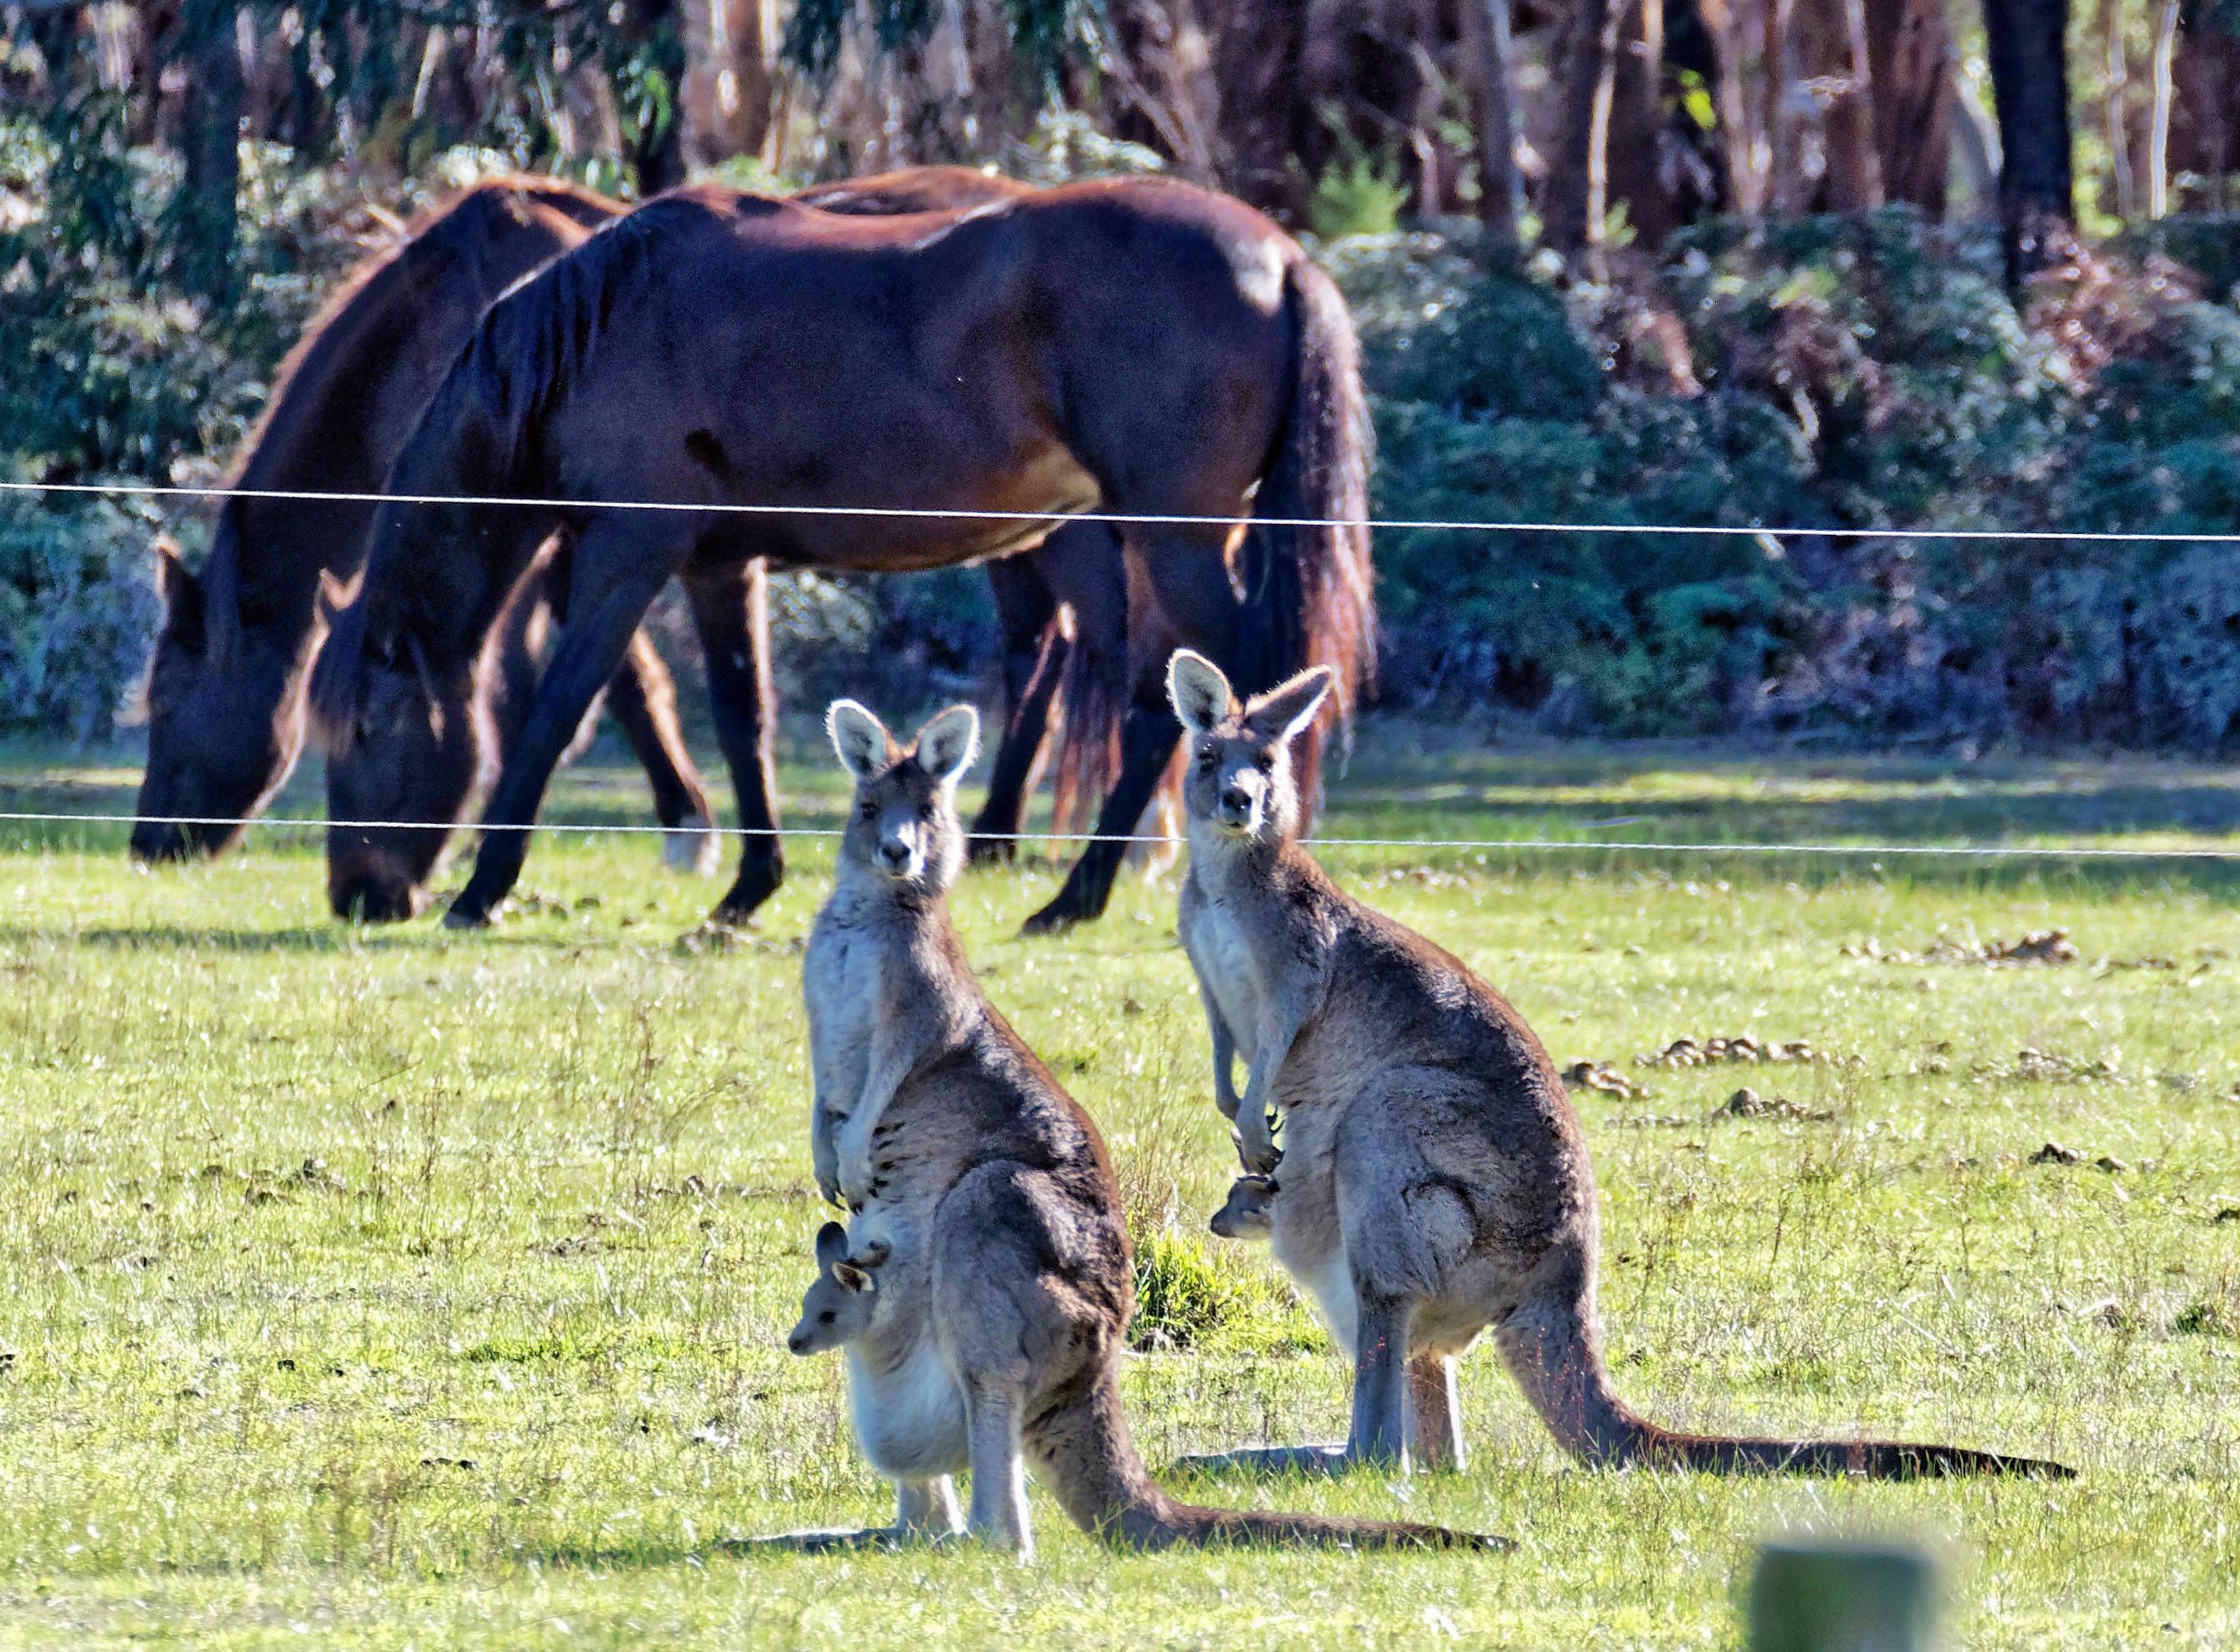 Kangaroos-52-detail.jpeg